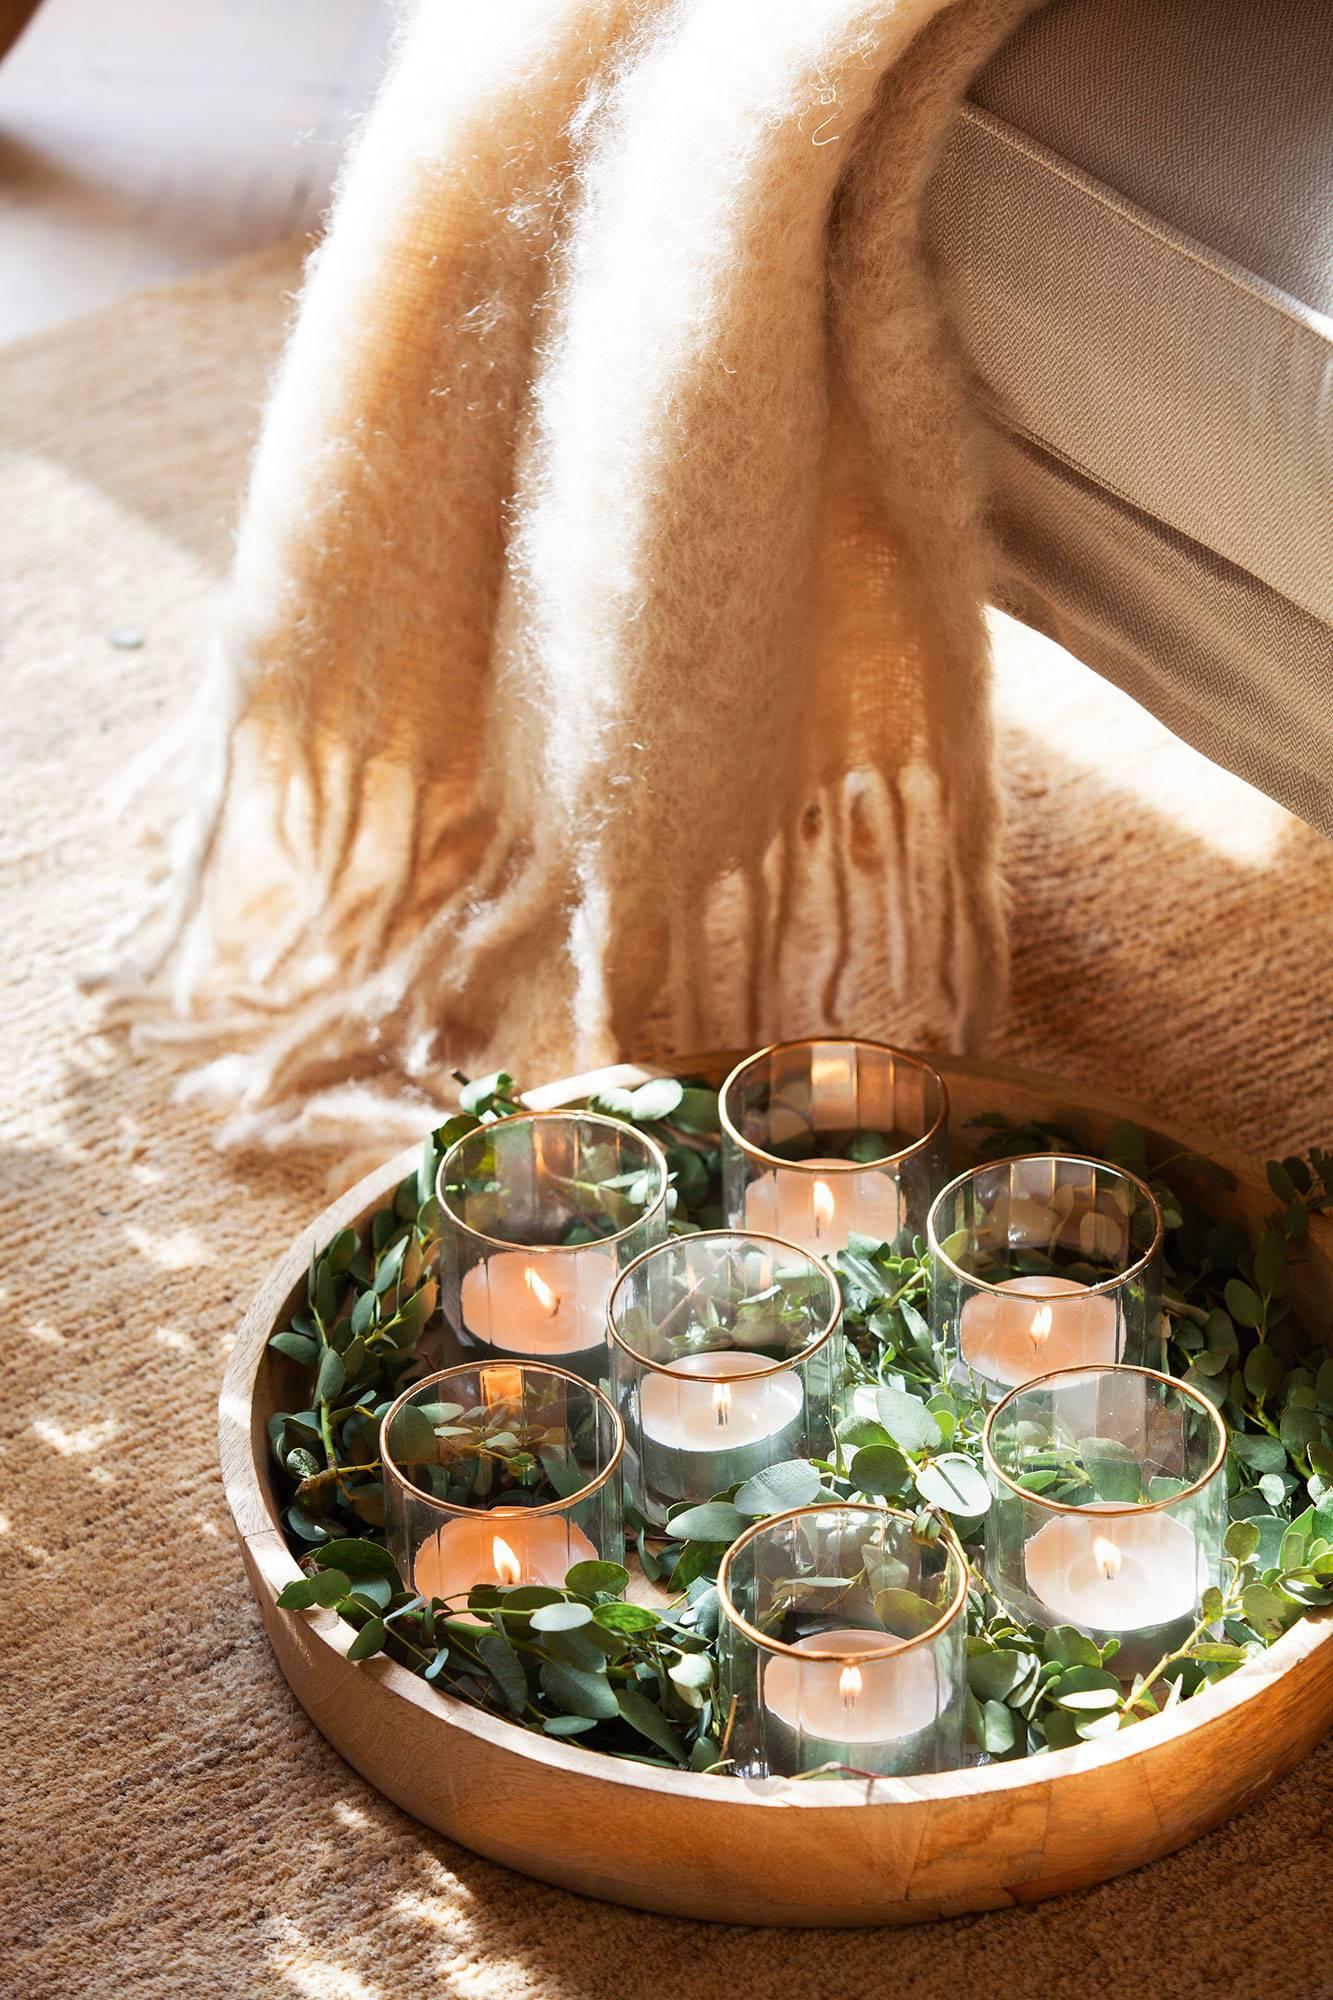 Detalle de centro con velas y eucalipto. Eucalipto